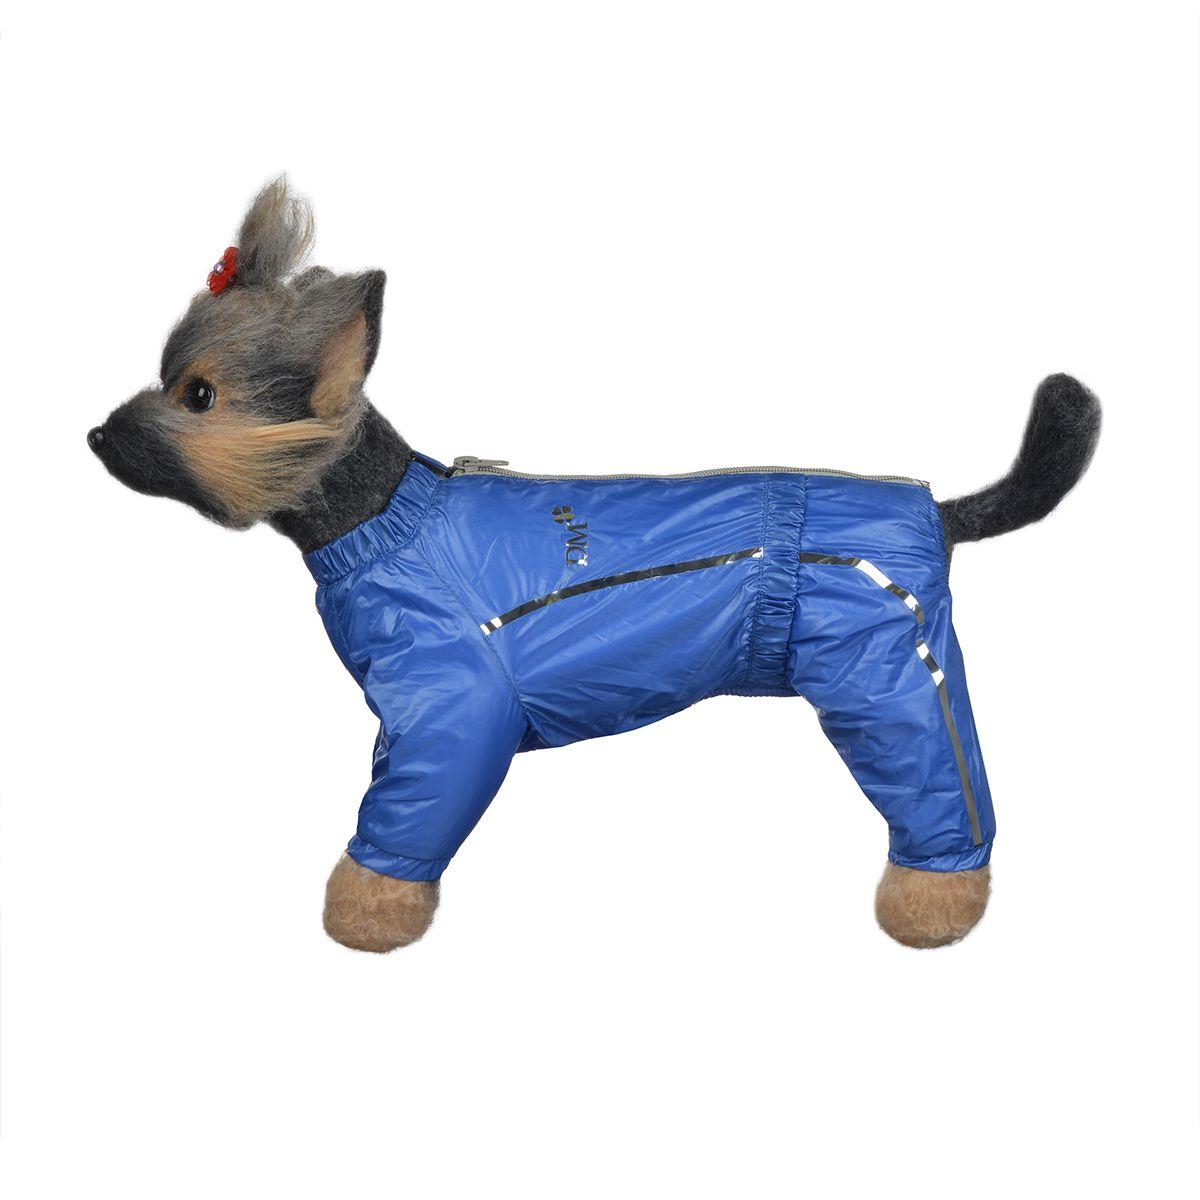 Комбинезон для собак Dogmoda Альпы, для мальчика, цвет: синий. Размер 1 (S)DM-150329-1Комбинезон для собак Dogmoda Альпы отлично подойдет для прогулок поздней осенью или ранней весной.Комбинезон изготовлен из полиэстера, защищающего от ветра и осадков, с подкладкой из флиса, которая сохранит тепло и обеспечит отличный воздухообмен. Комбинезон застегивается на молнию и липучку, благодаря чему его легко надевать и снимать. Ворот, низ рукавов и брючин оснащены внутренними резинками, которые мягко обхватывают шею и лапки, не позволяя просачиваться холодному воздуху. На пояснице имеется внутренняя резинка. Изделие декорировано серебристыми полосками и надписью DM.Благодаря такому комбинезону простуда не грозит вашему питомцу и он не даст любимцу продрогнуть на прогулке.